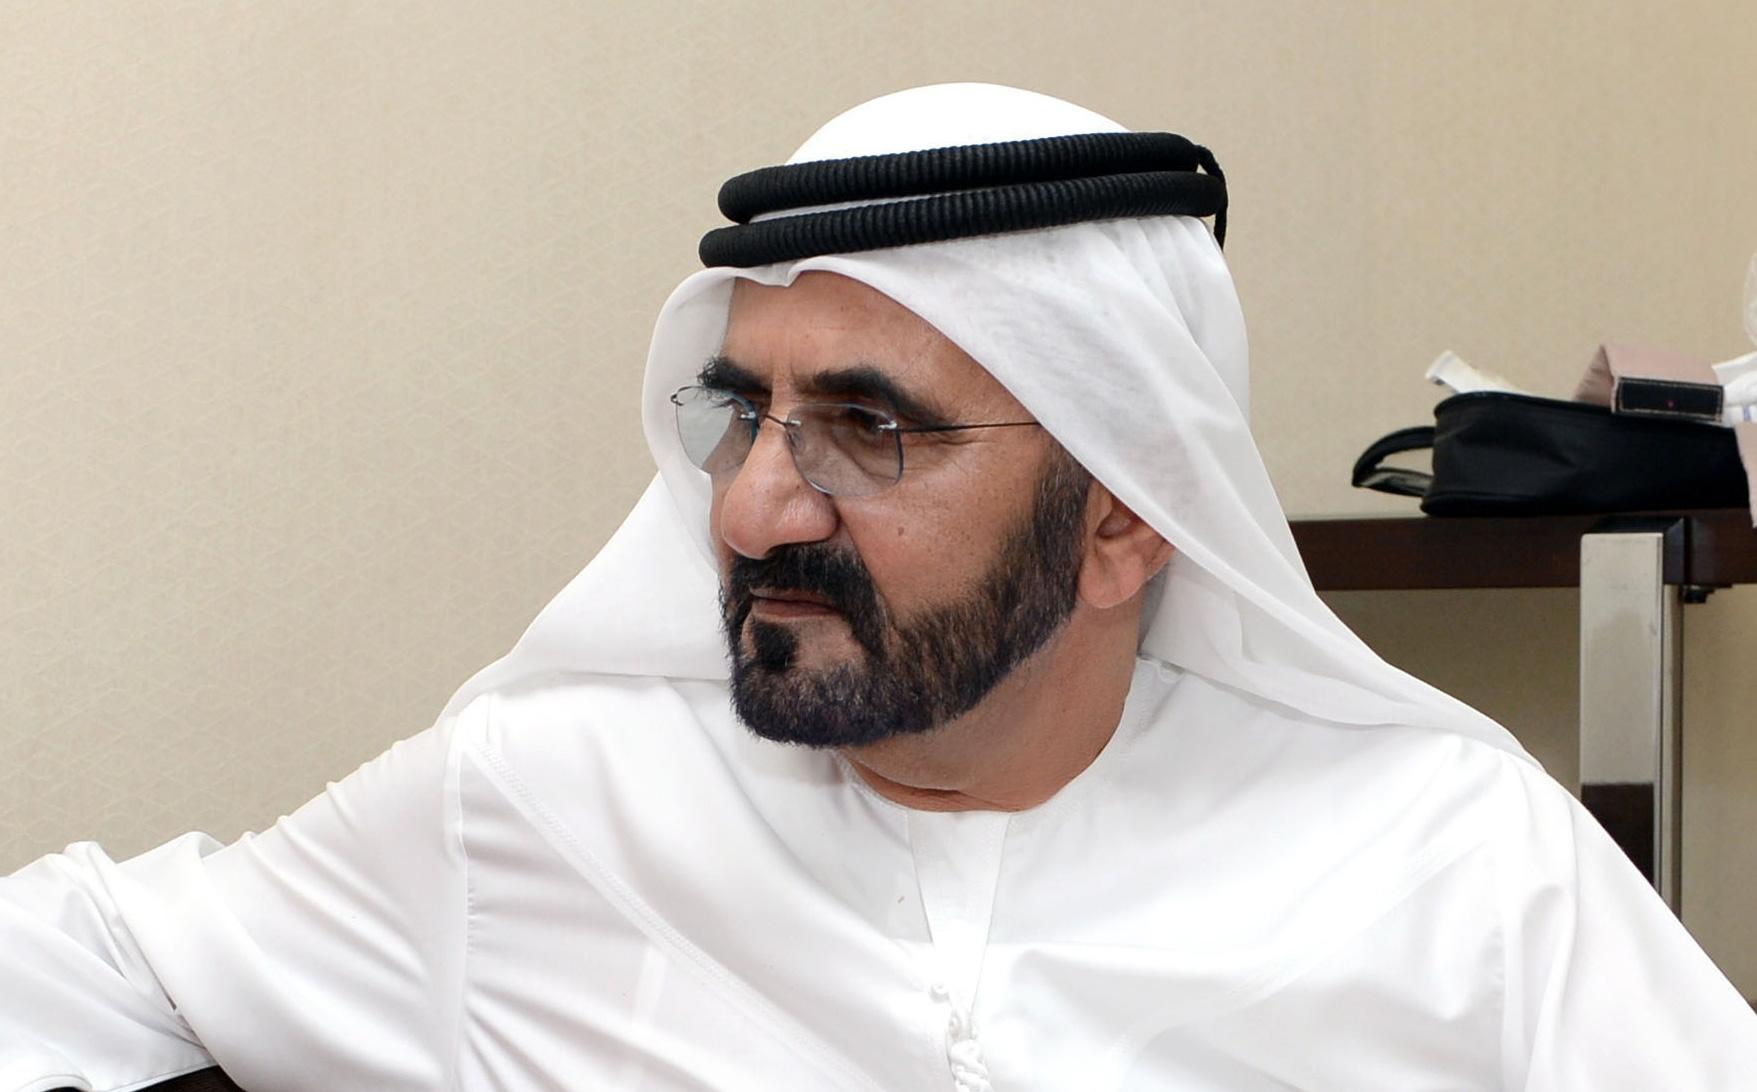 صاحب السمو الشيخ محمد بن راشد آل مكتوم - حوار محمد بن راشد مع مجلة درع الوطن